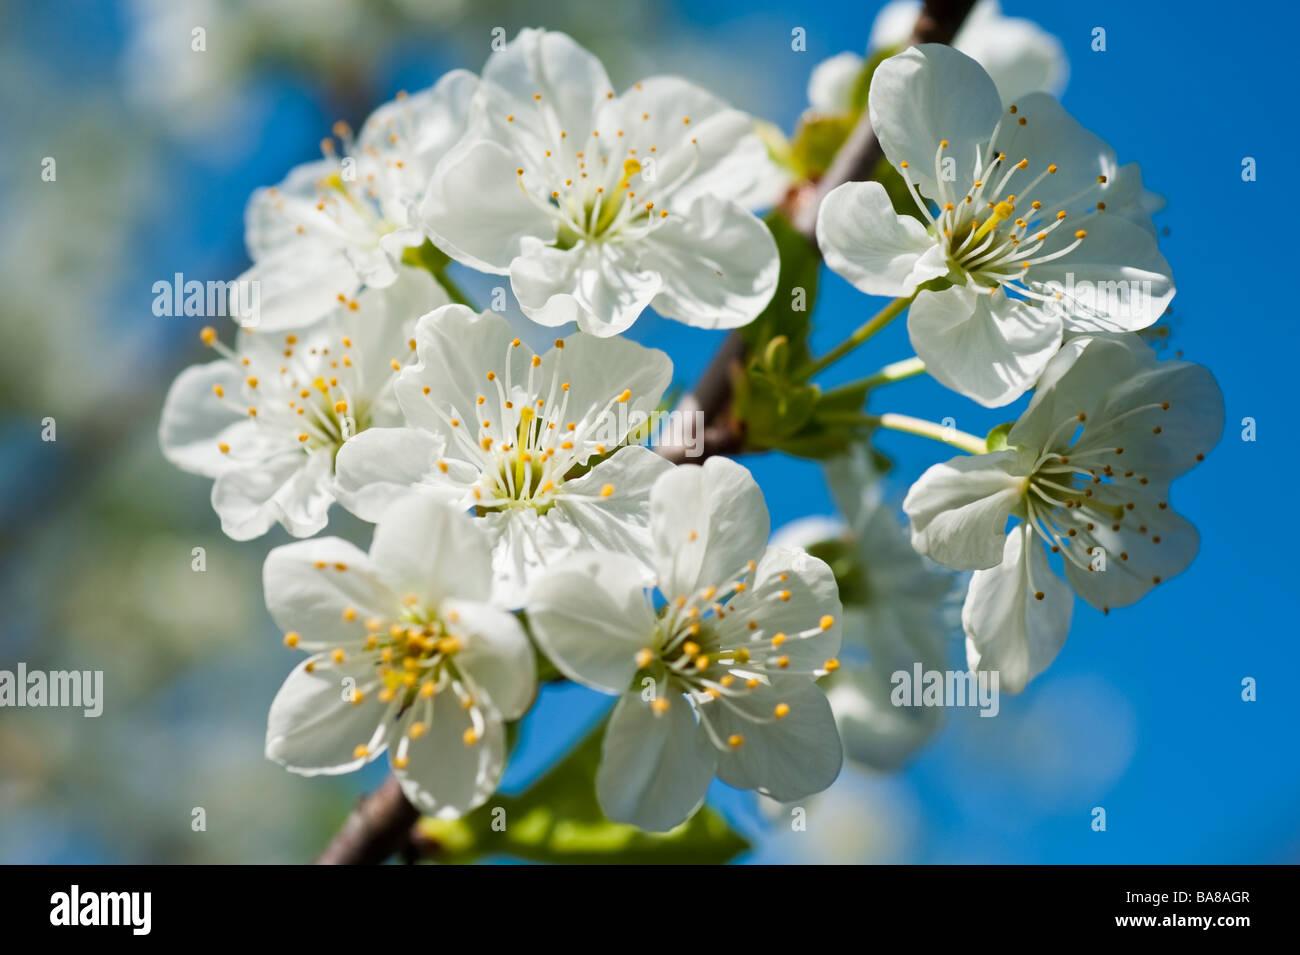 Blühende sauer Morello Kirsche Prunus Cerasus mit weißen Blüten auf einem Ast gegen blauen Himmel Stockbild